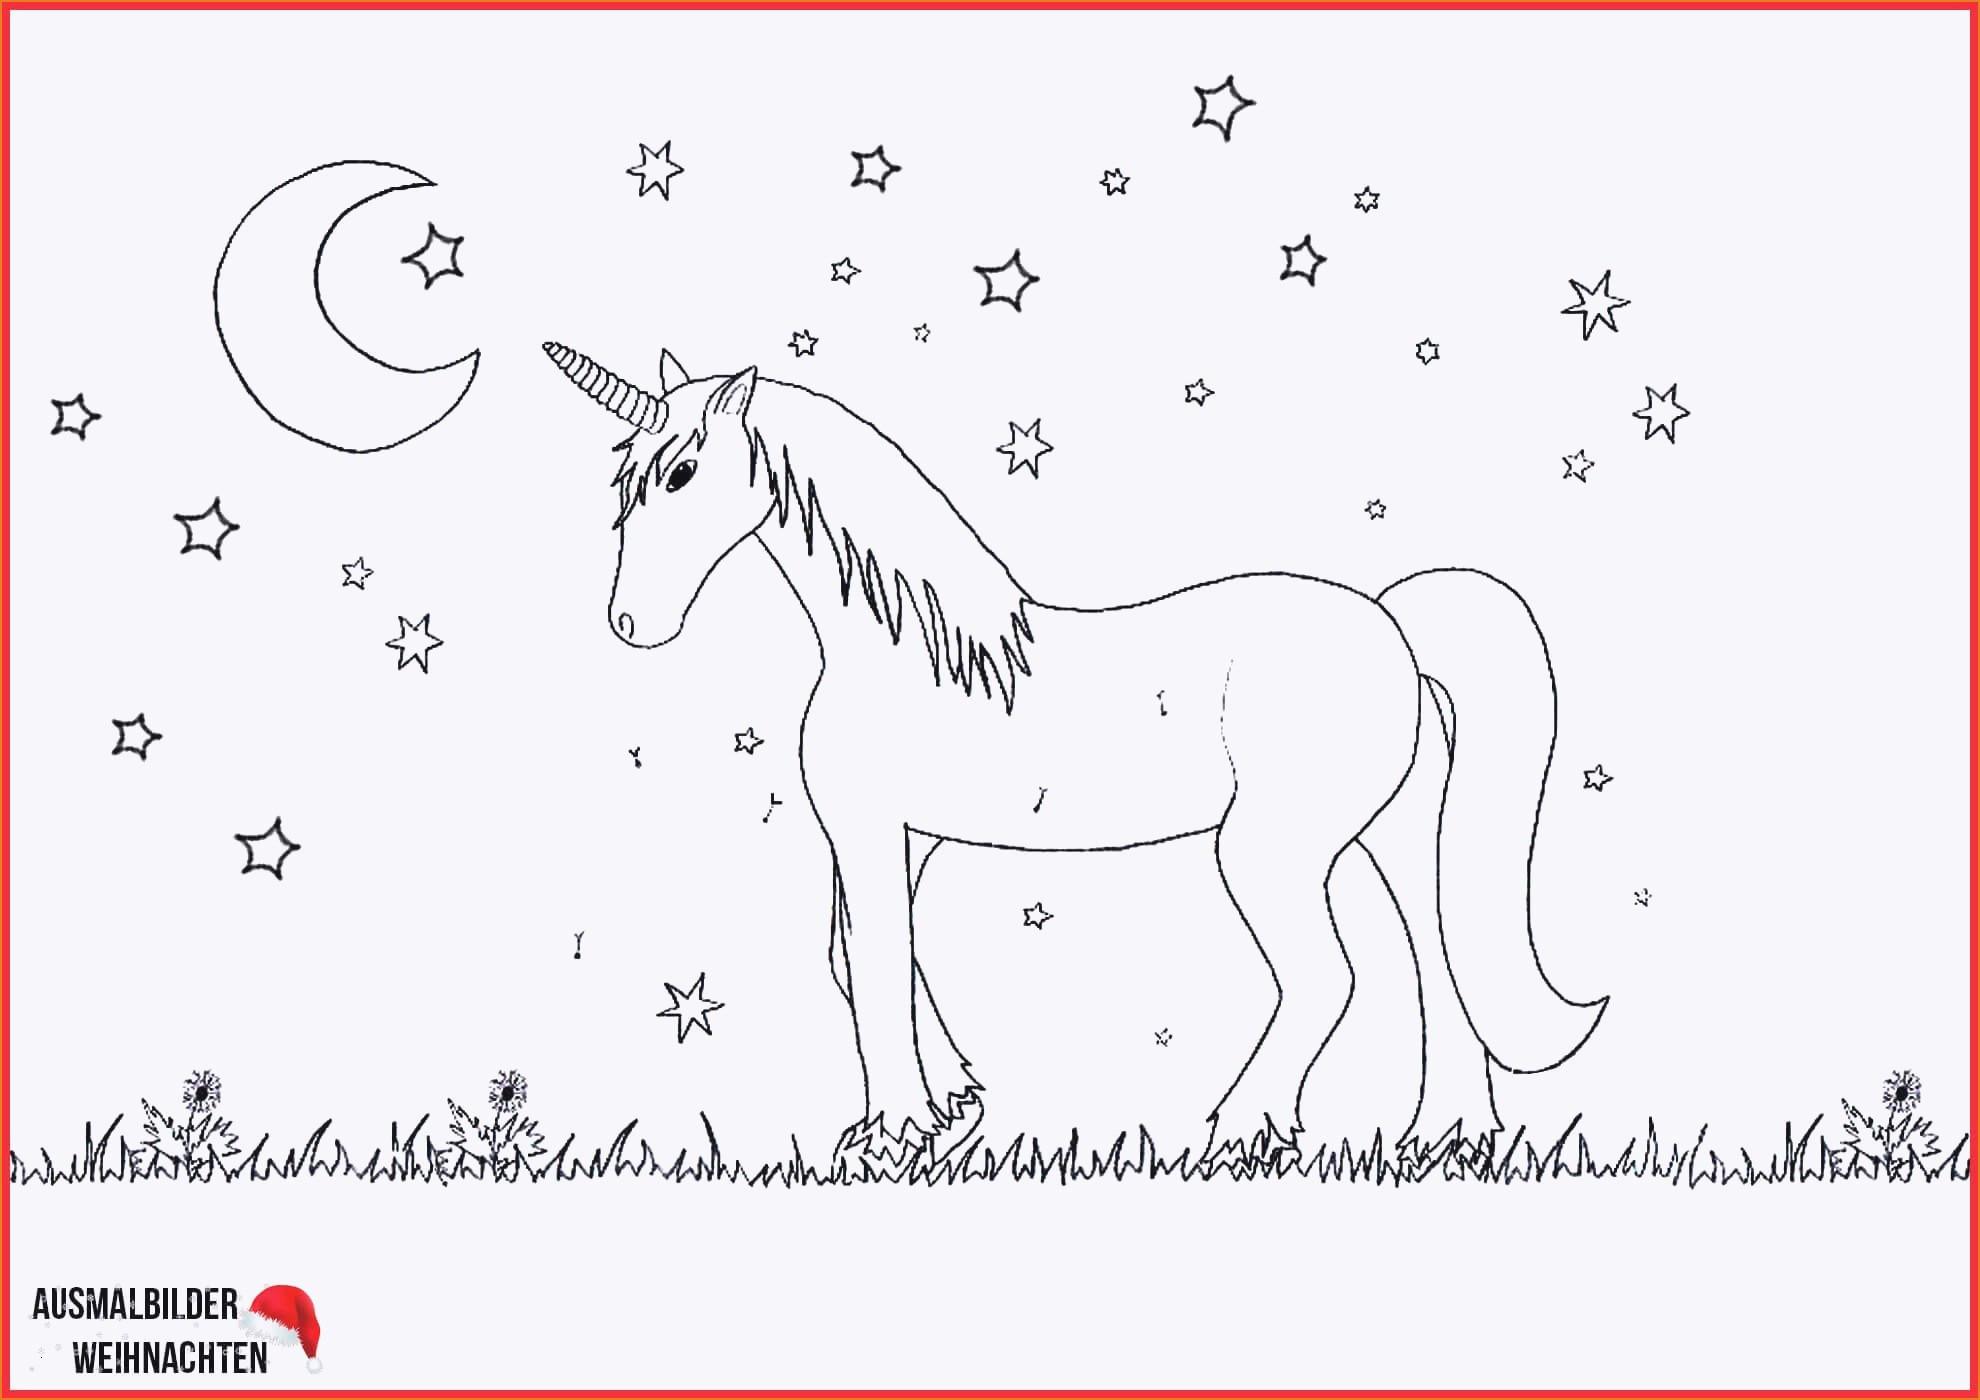 Ausmalbilder Zu Weihnachten Zum Ausdrucken Inspirierend Pferde Bilder Zum Ausdrucken Genial Malvorlagen Igel Best Fotografieren